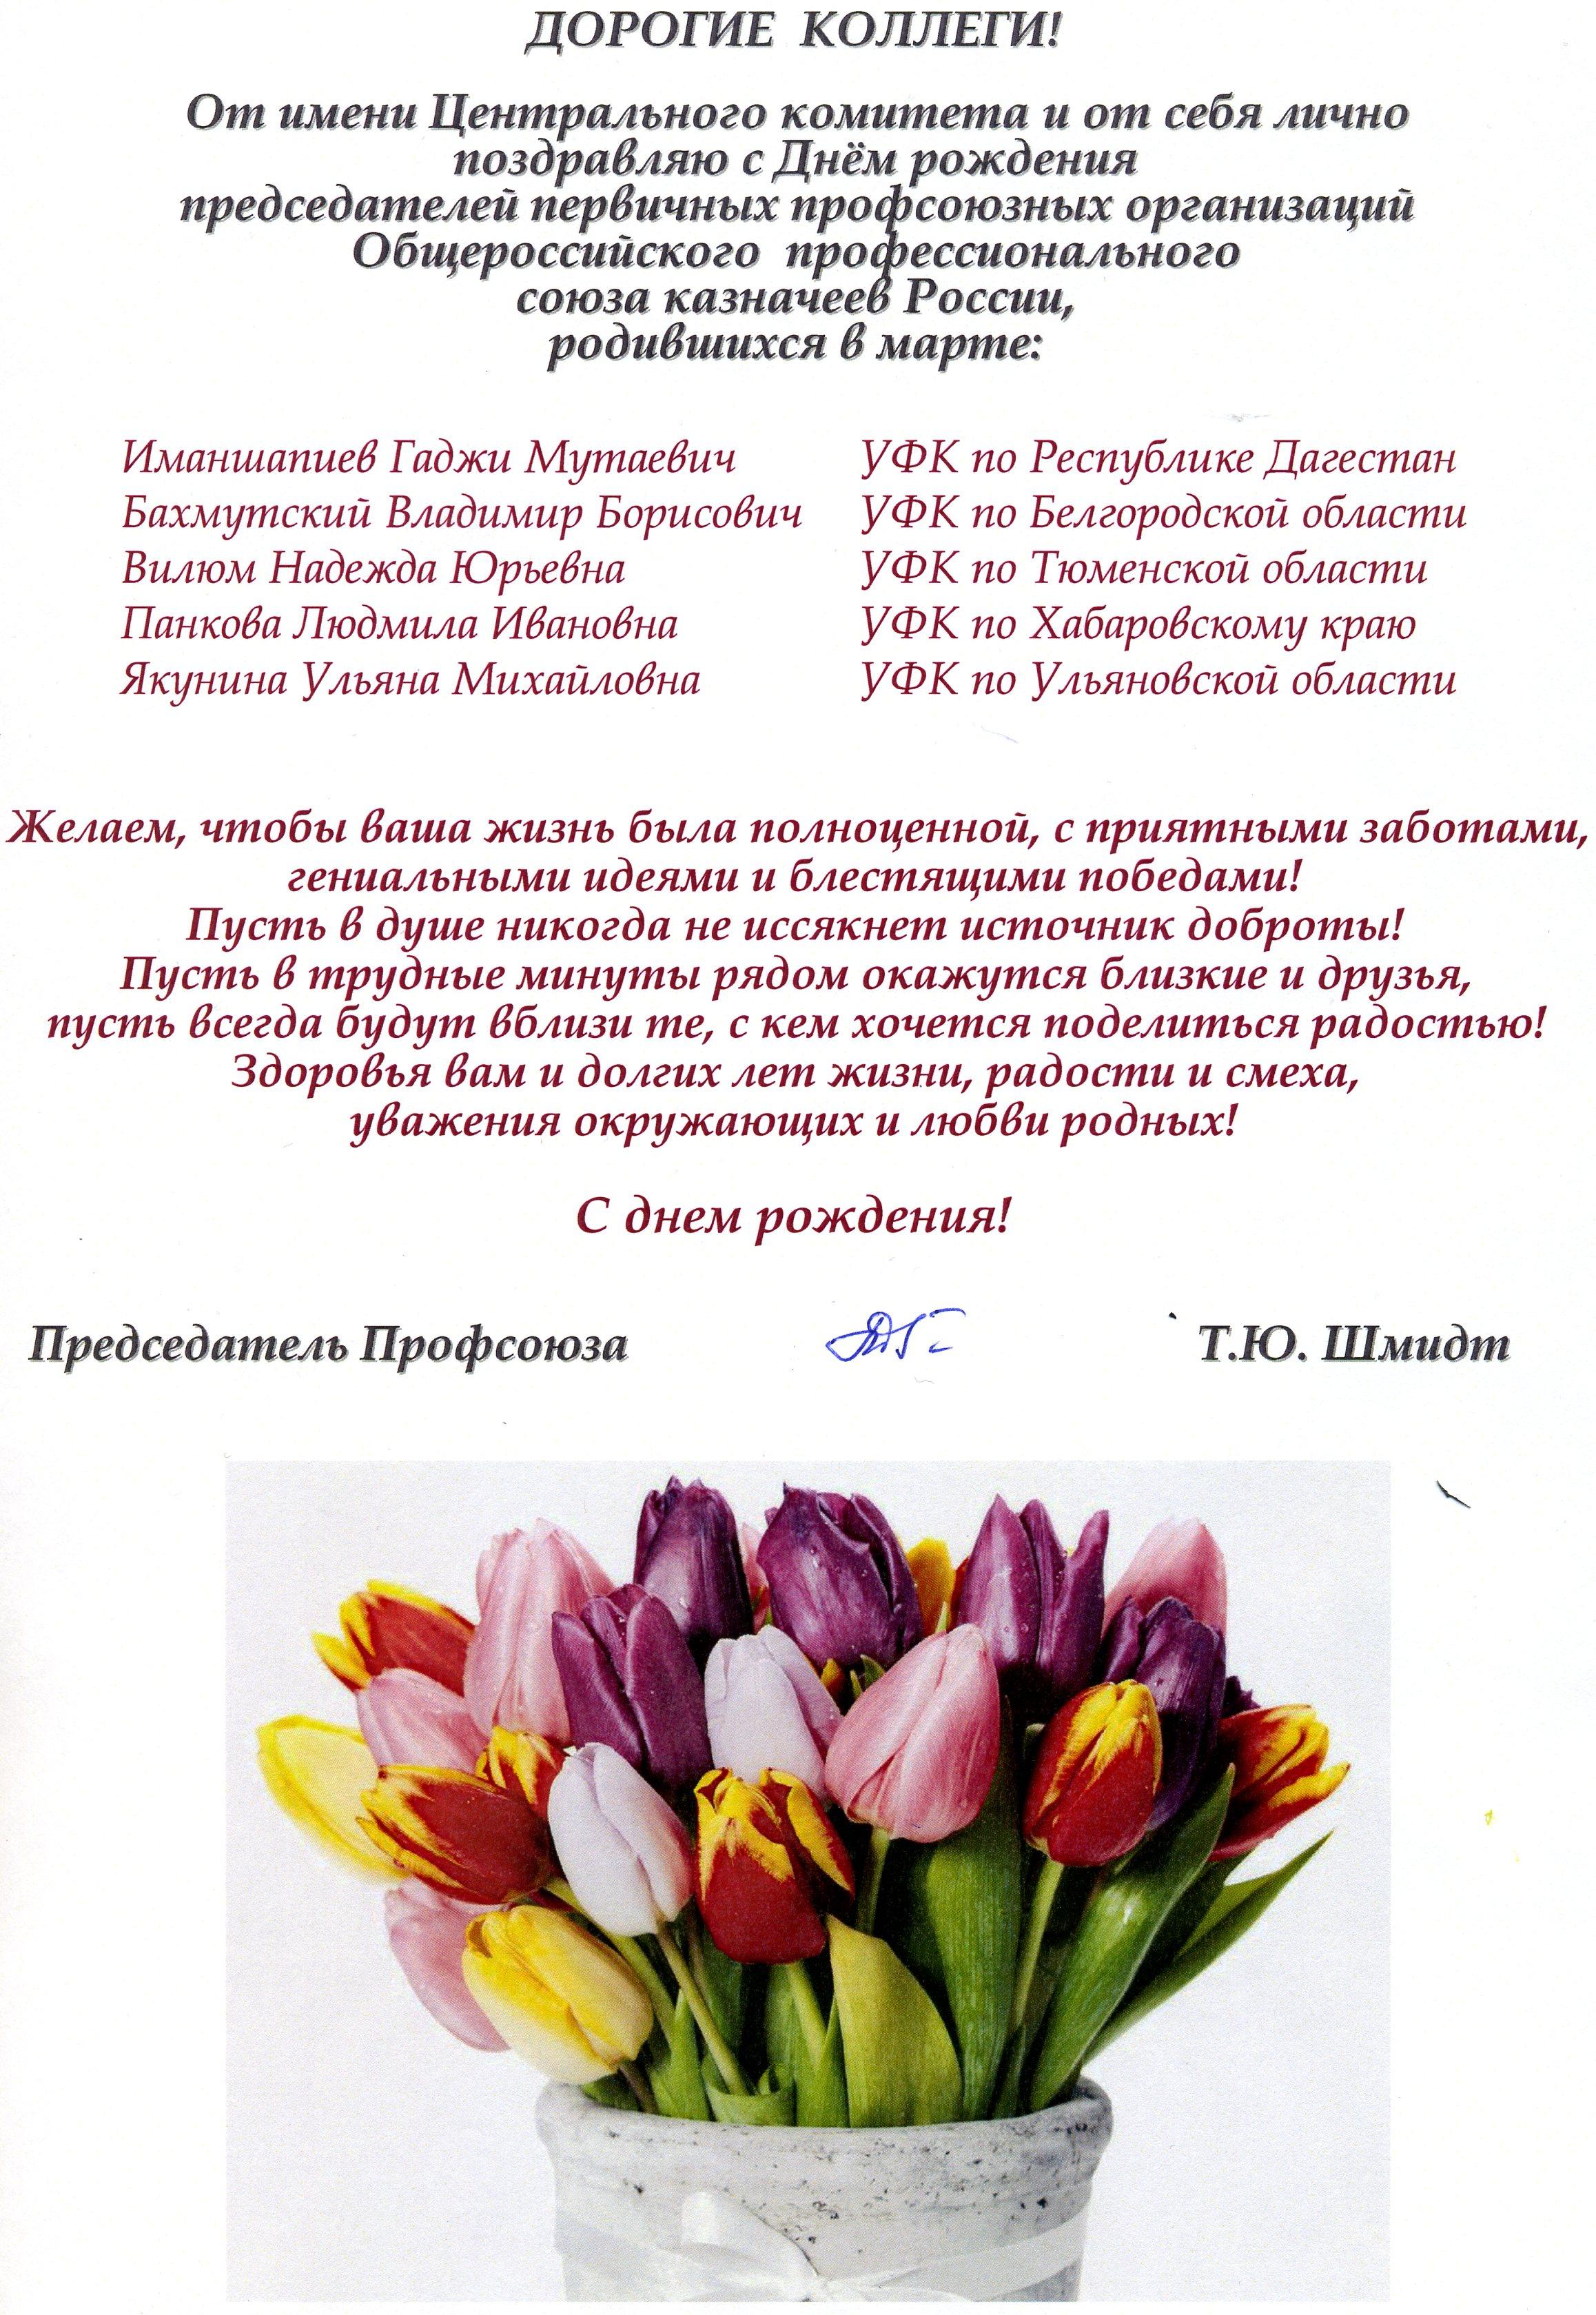 Поздравление председателя профсоюза с юбилеем